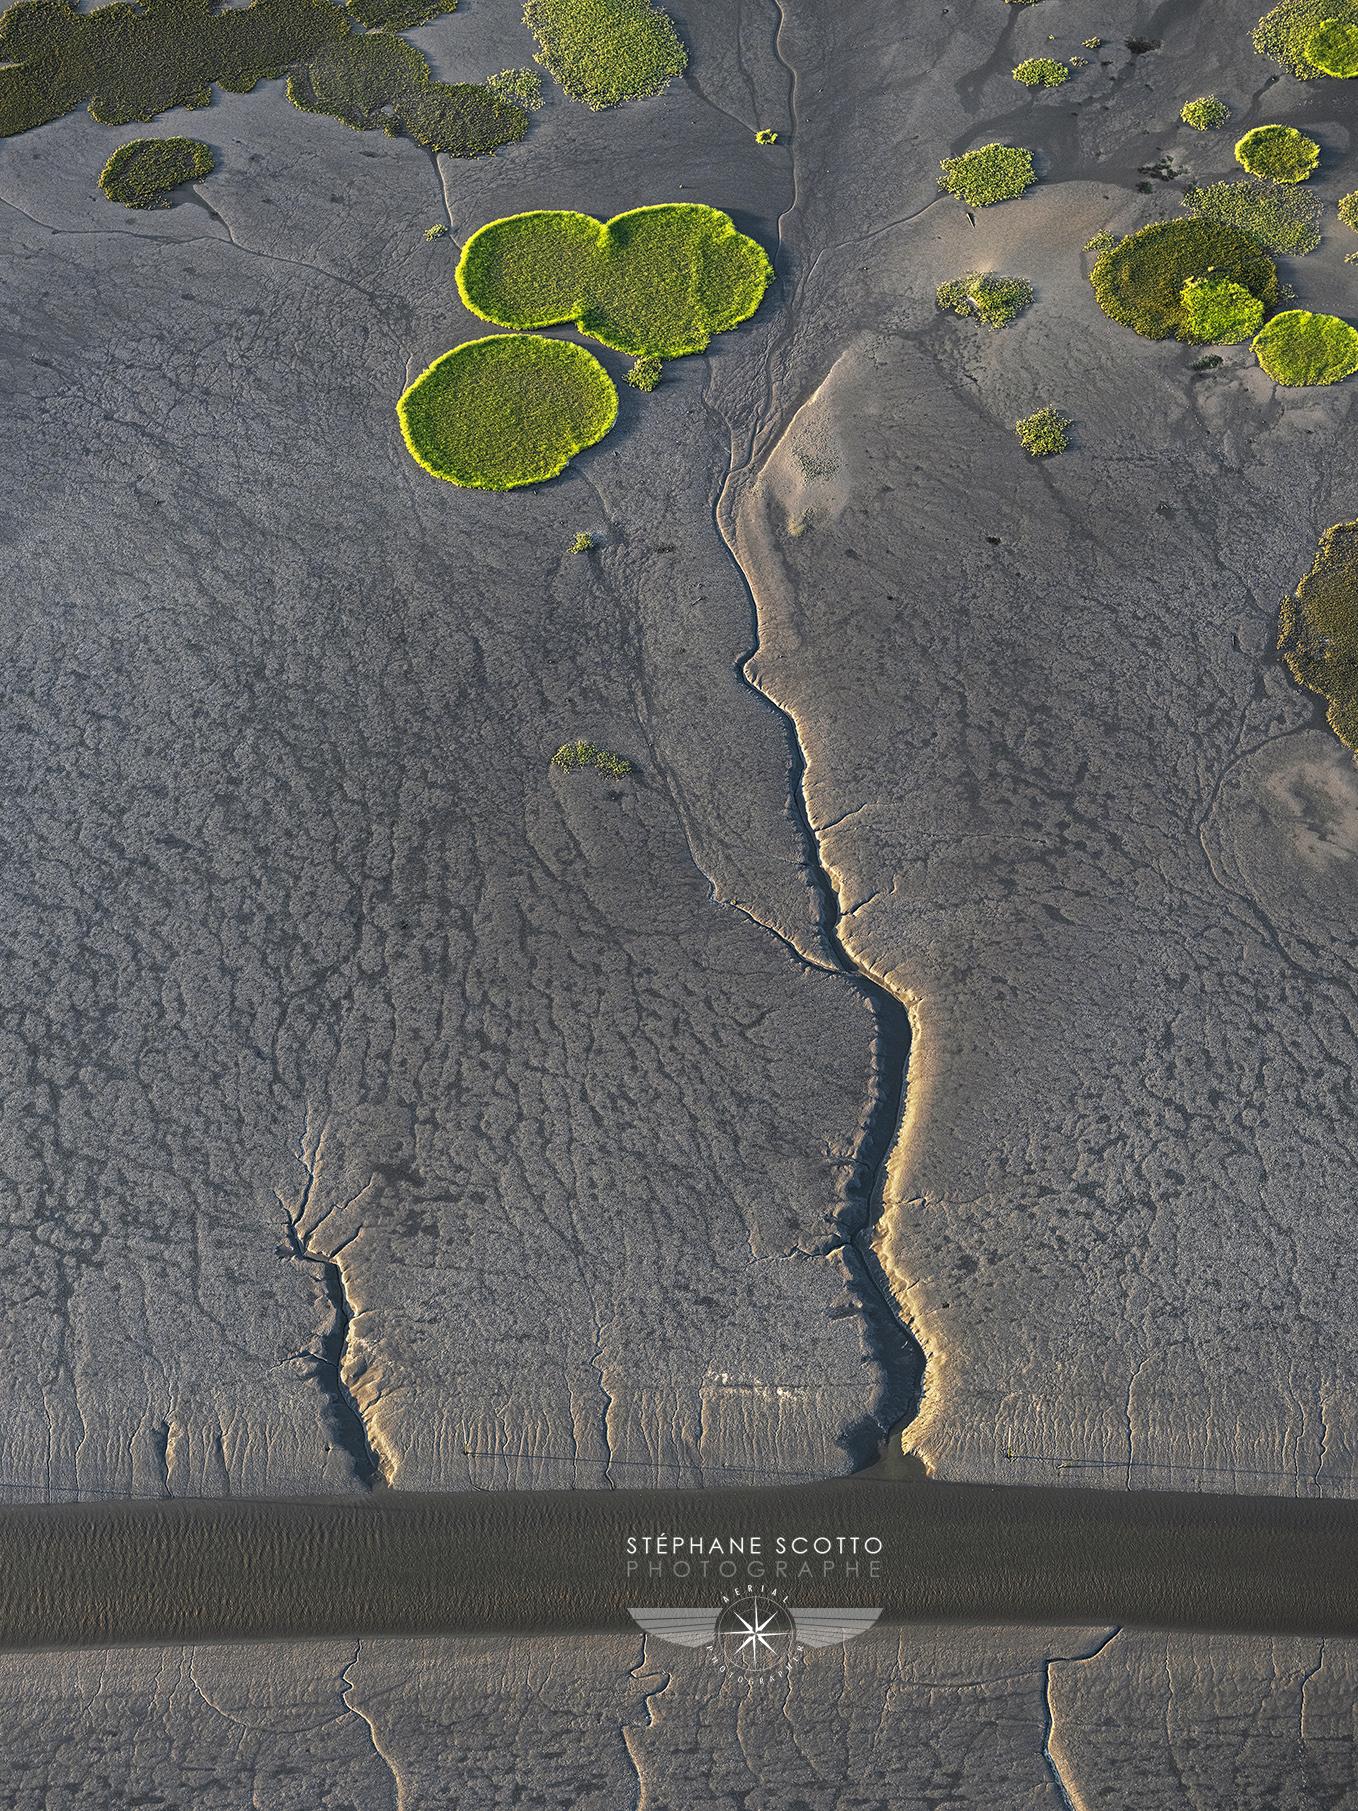 photo aérienne du Bassin d'Arcachon par le photographe Stéphane Scotto